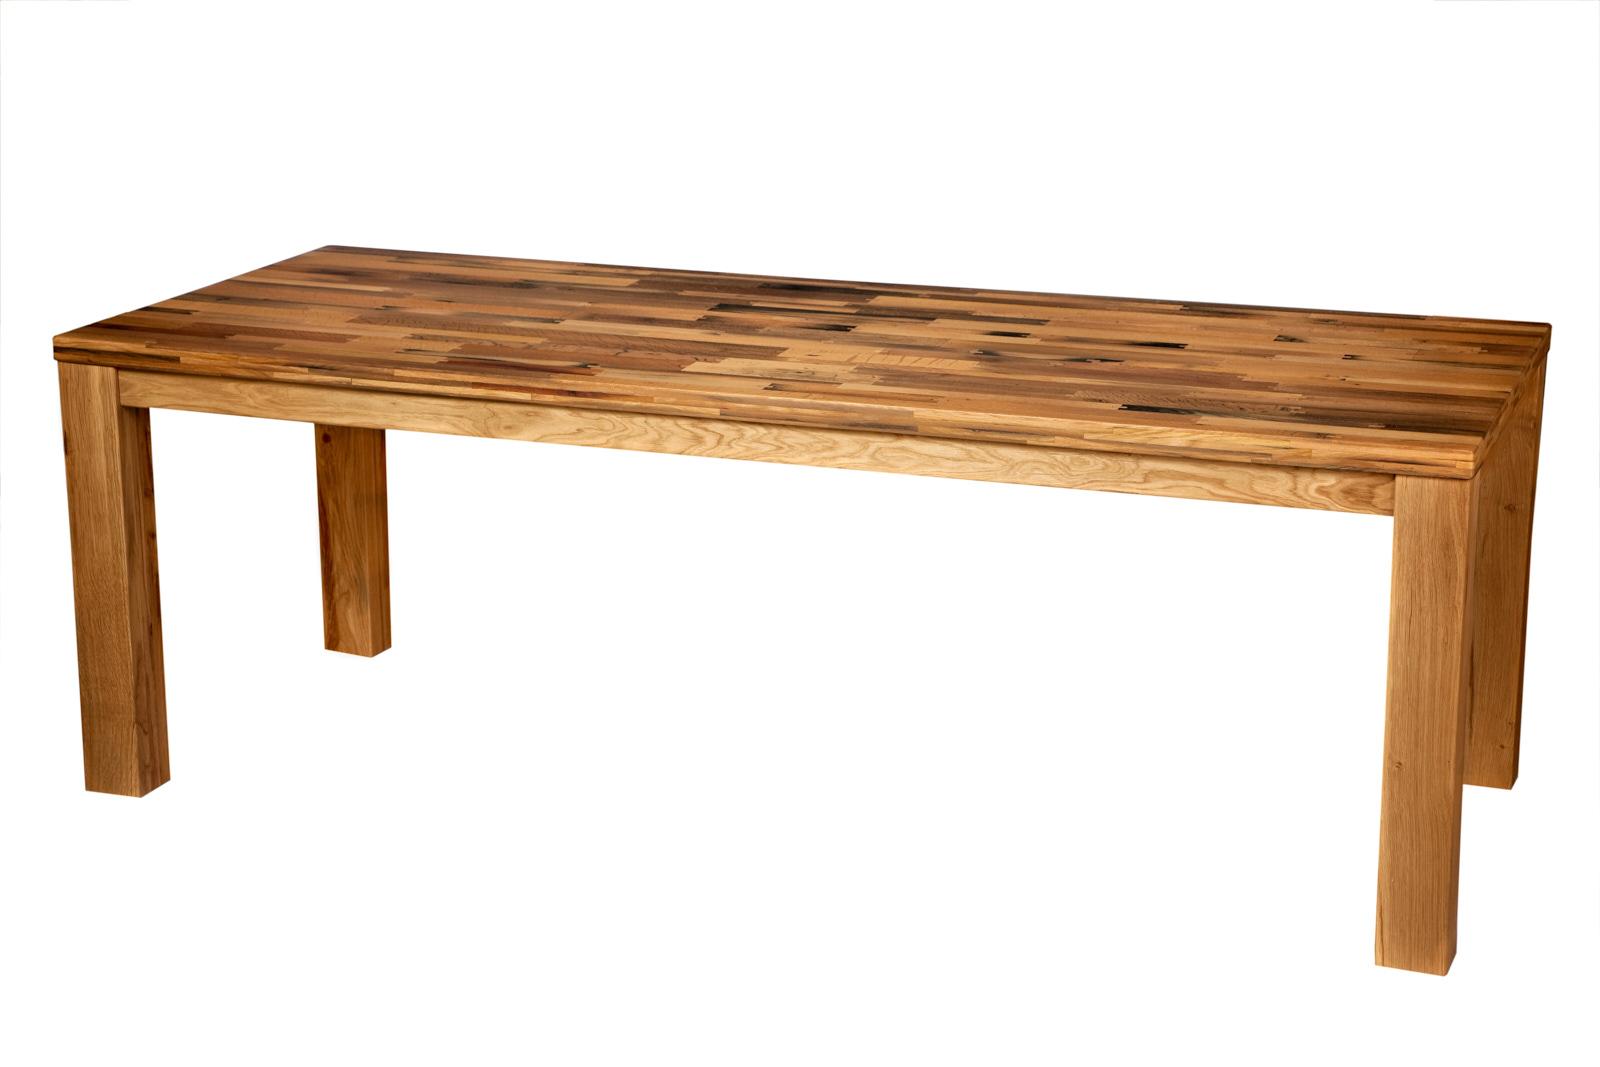 Exklusiver Esstisch und hochwertigen Weintisch aus alten Eiche Rotweinfässern, besonderer Holztisch mit einzigartigem Charakter, edler Massivholztisch für Weinliebhaber